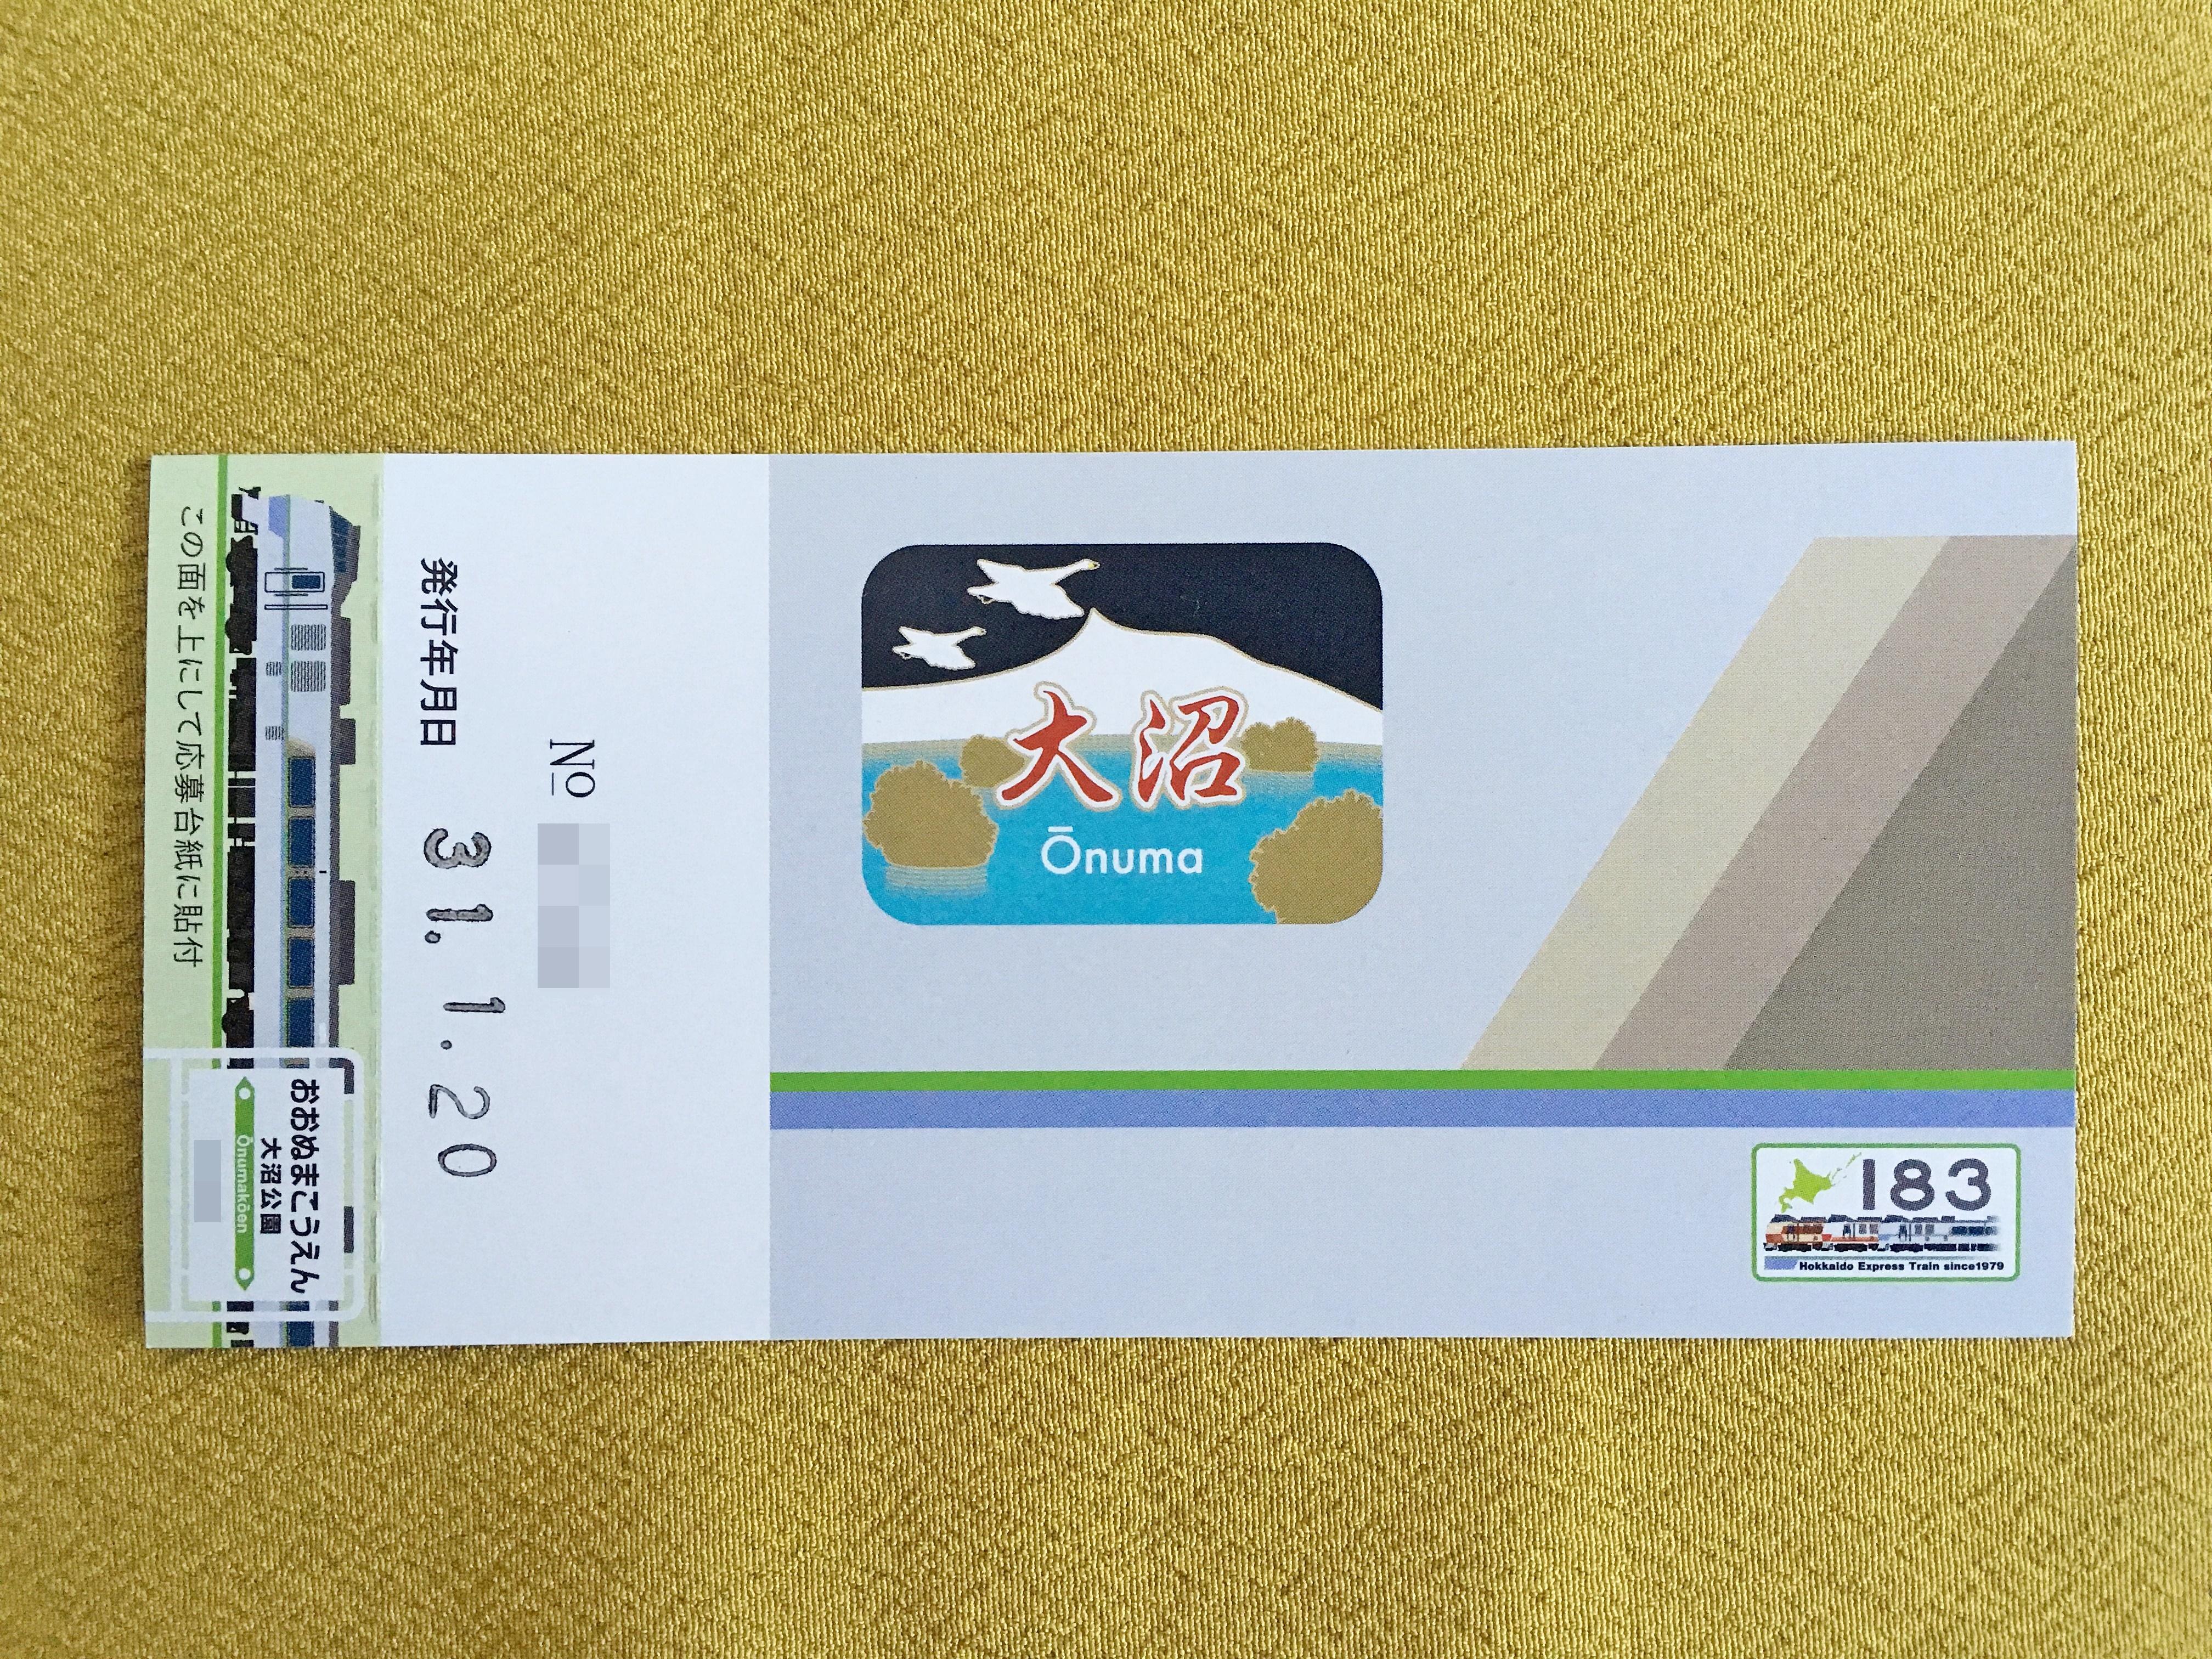 キハ183-0系記念入場券 大沼公園駅 表 裏.JPG